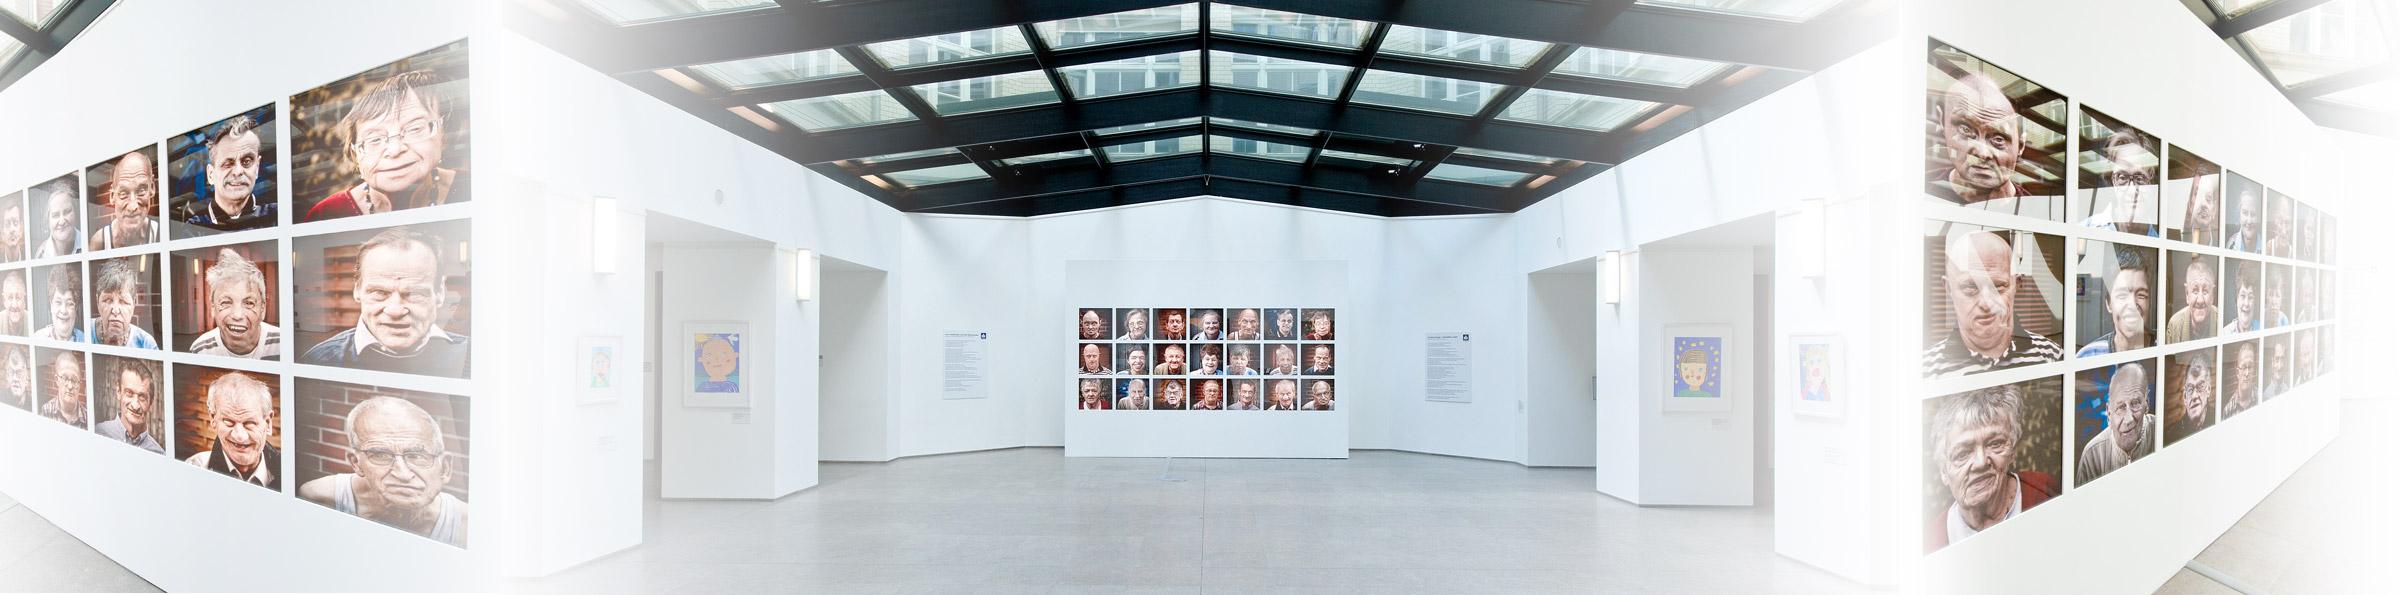 Ausstellung_Afmacher_web